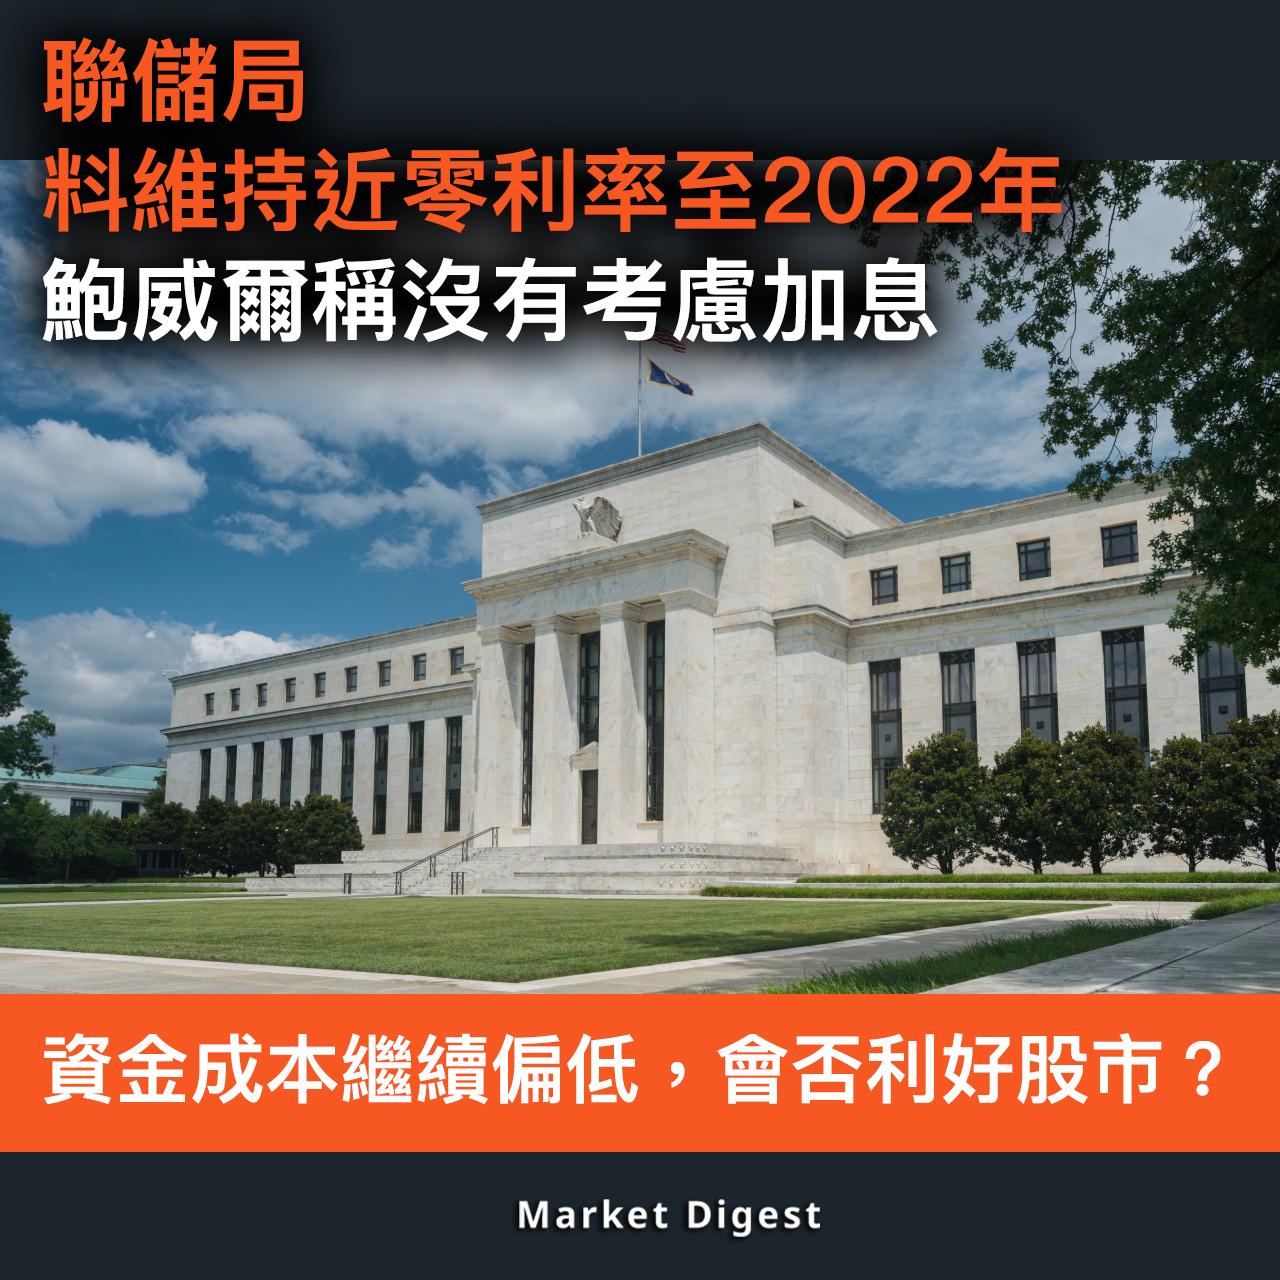 【市場熱話】聯儲局料維持近零利率至2022年,鮑威爾稱沒有考慮加息